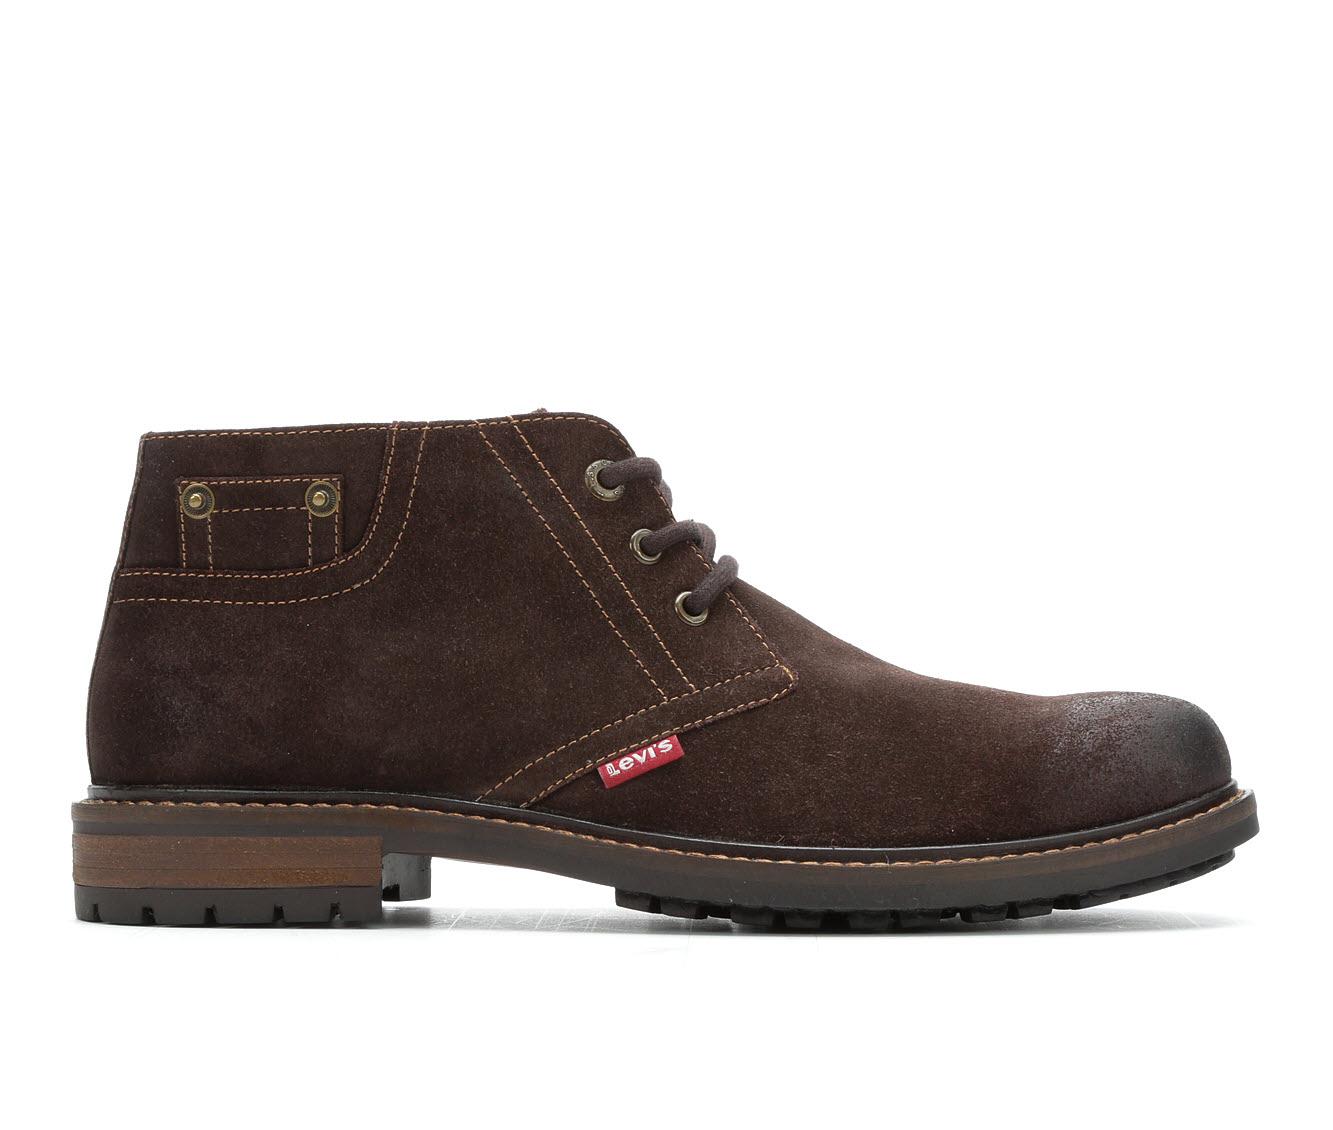 Levis Cambridge Suede Men's Boots (Brown Faux Leather)